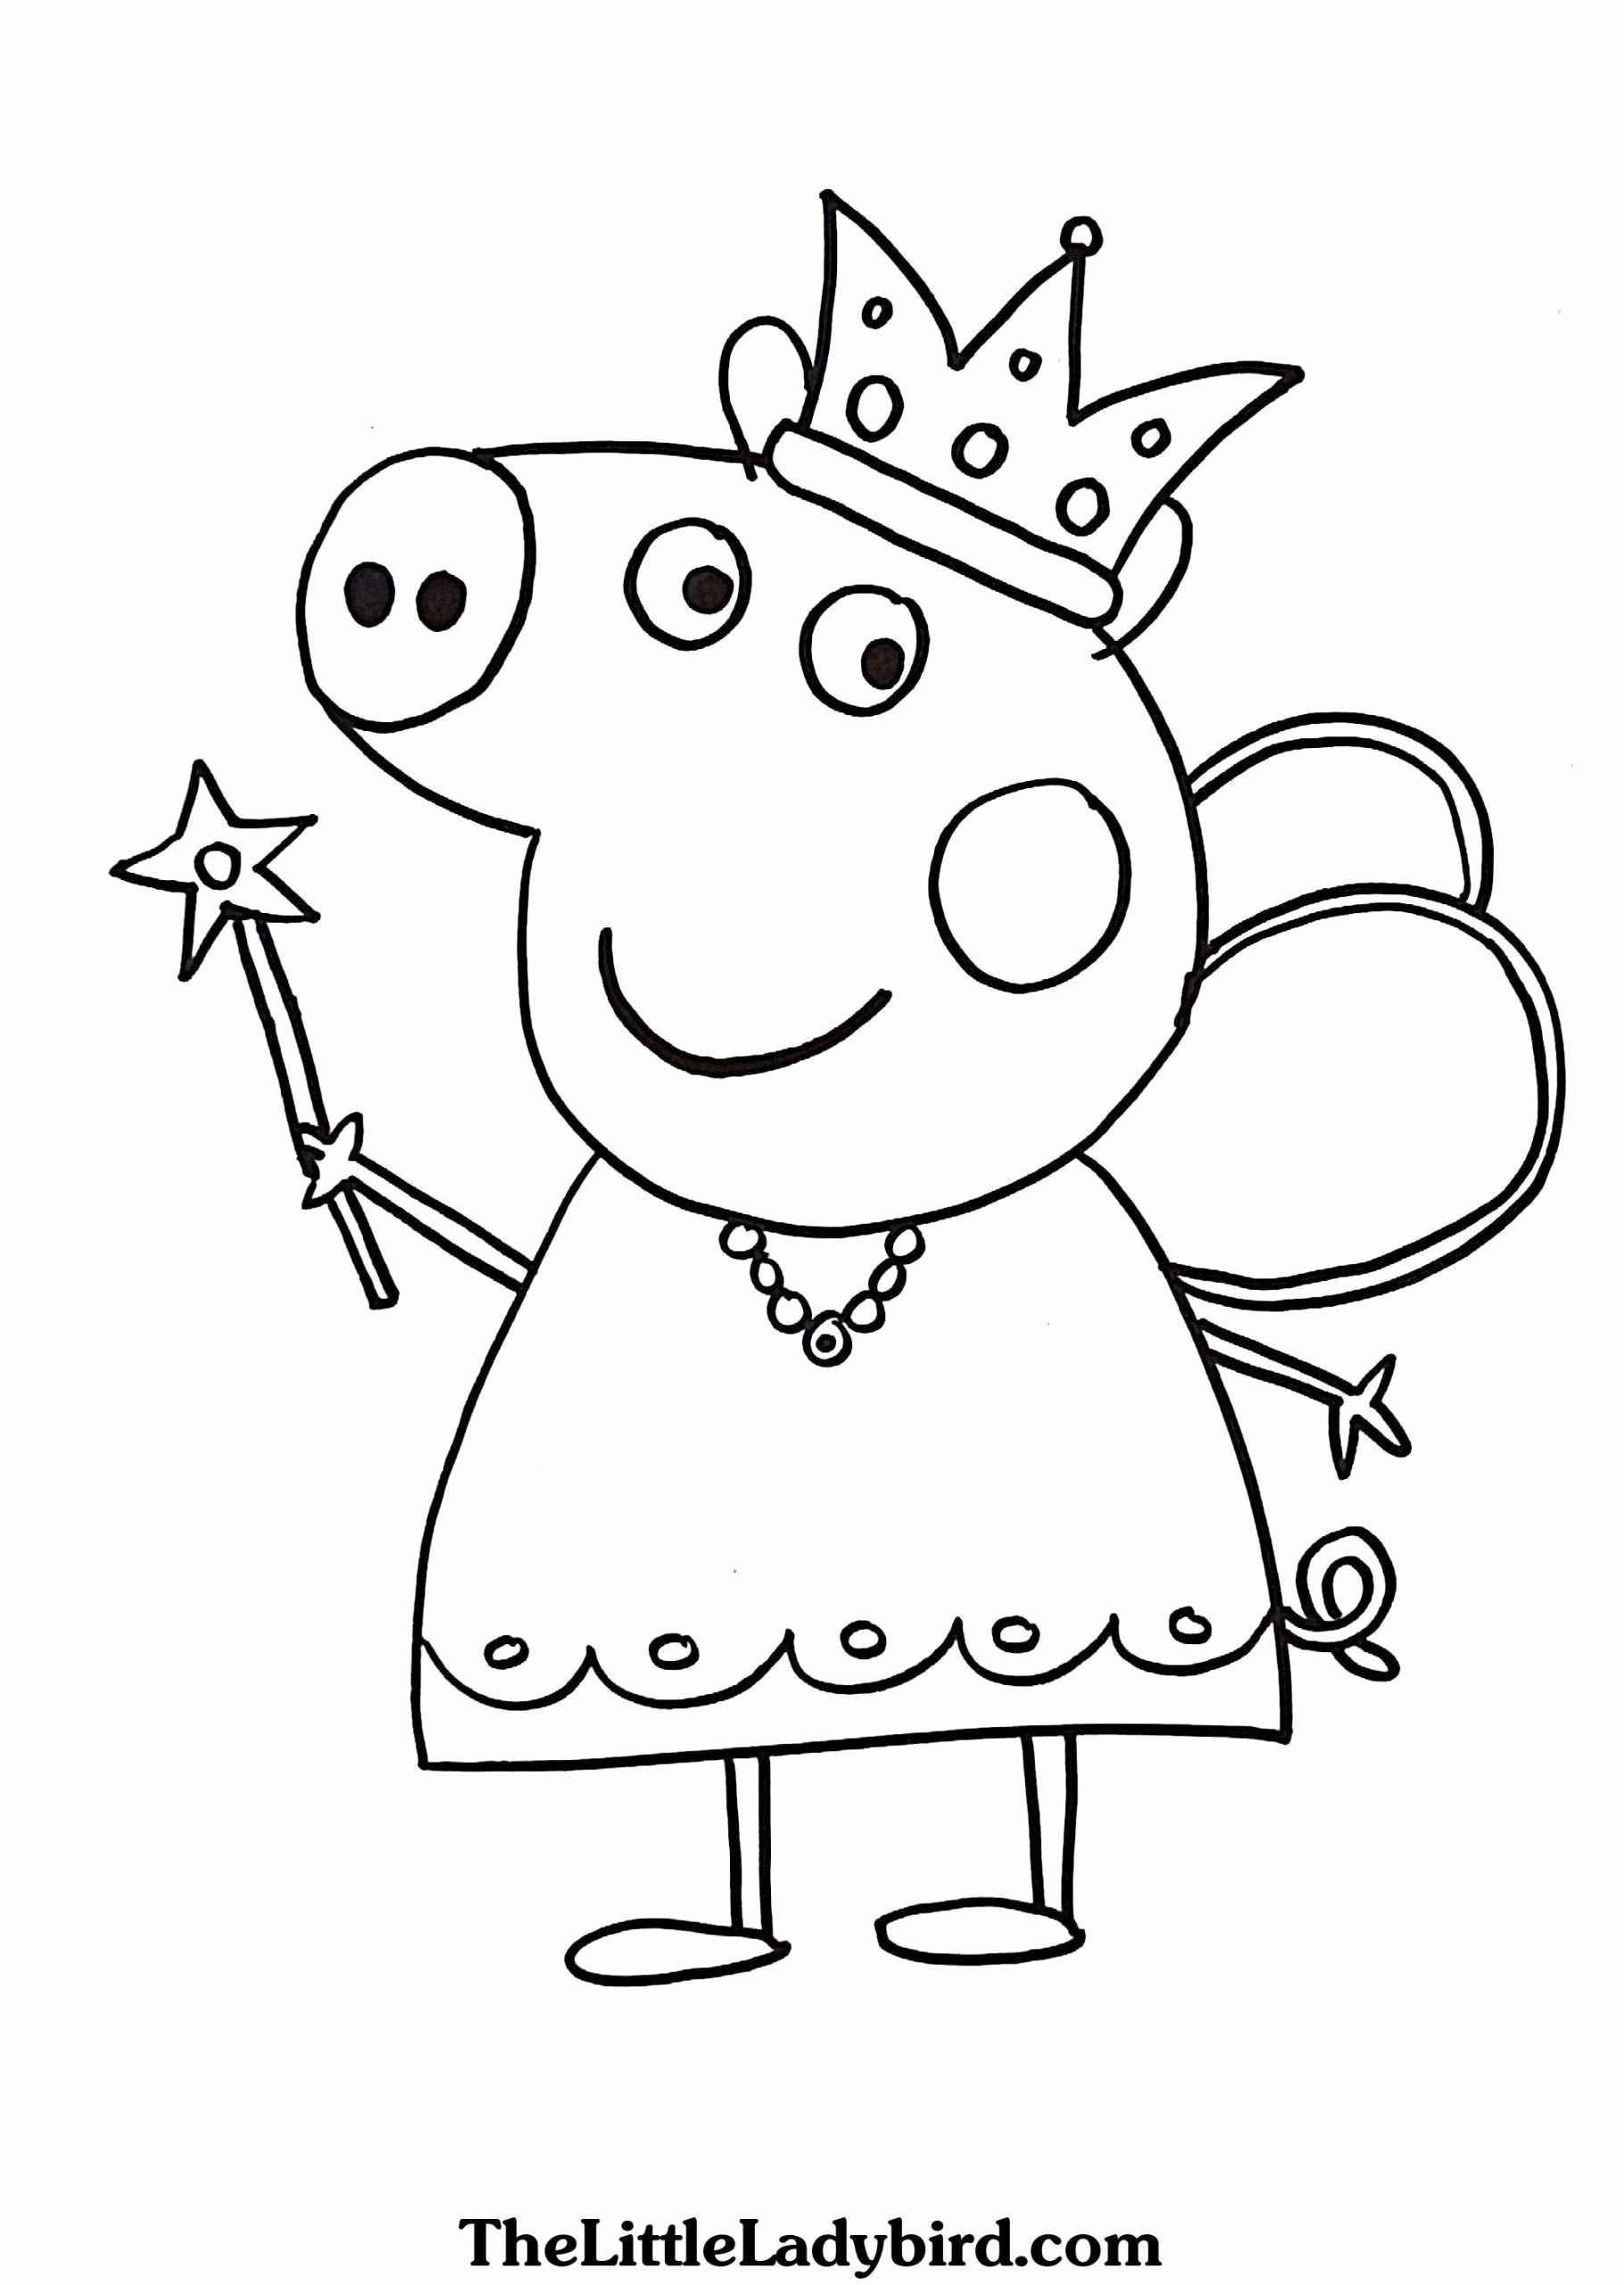 Printable Coloring Worksheets for Preschoolers top 44 Free Coloring Printables for Preschoolers Ideas